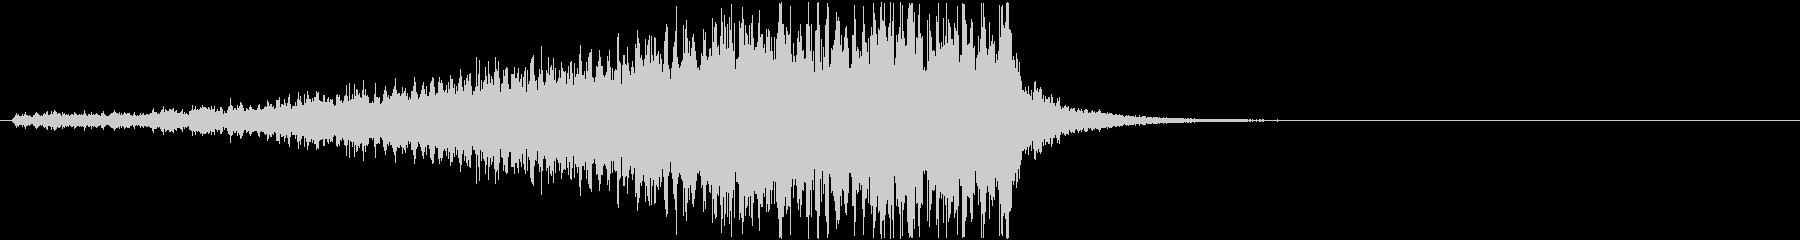 ドラムロールC(長め・シンバル無し)の未再生の波形